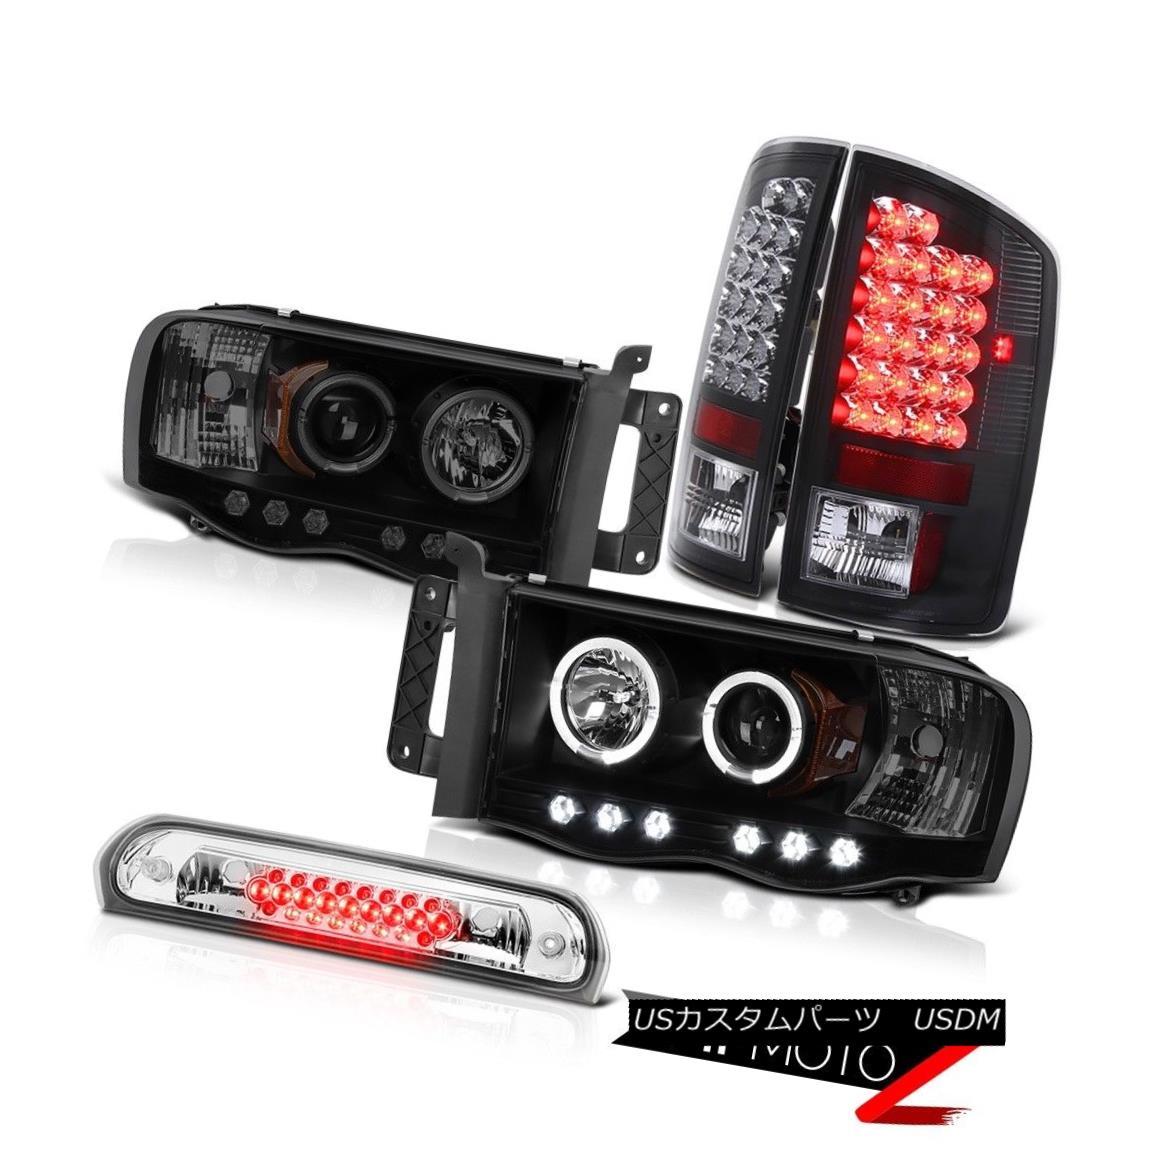 テールライト Black+Smoke Angel Eye Headlights SMD Brake Tail Lights 3rd LED 2002-2005 Ram V8 ブラック+スモークエンジェルアイヘッドライトSMDブレーキテールライト3rd LED 2002-2005 Ram V8